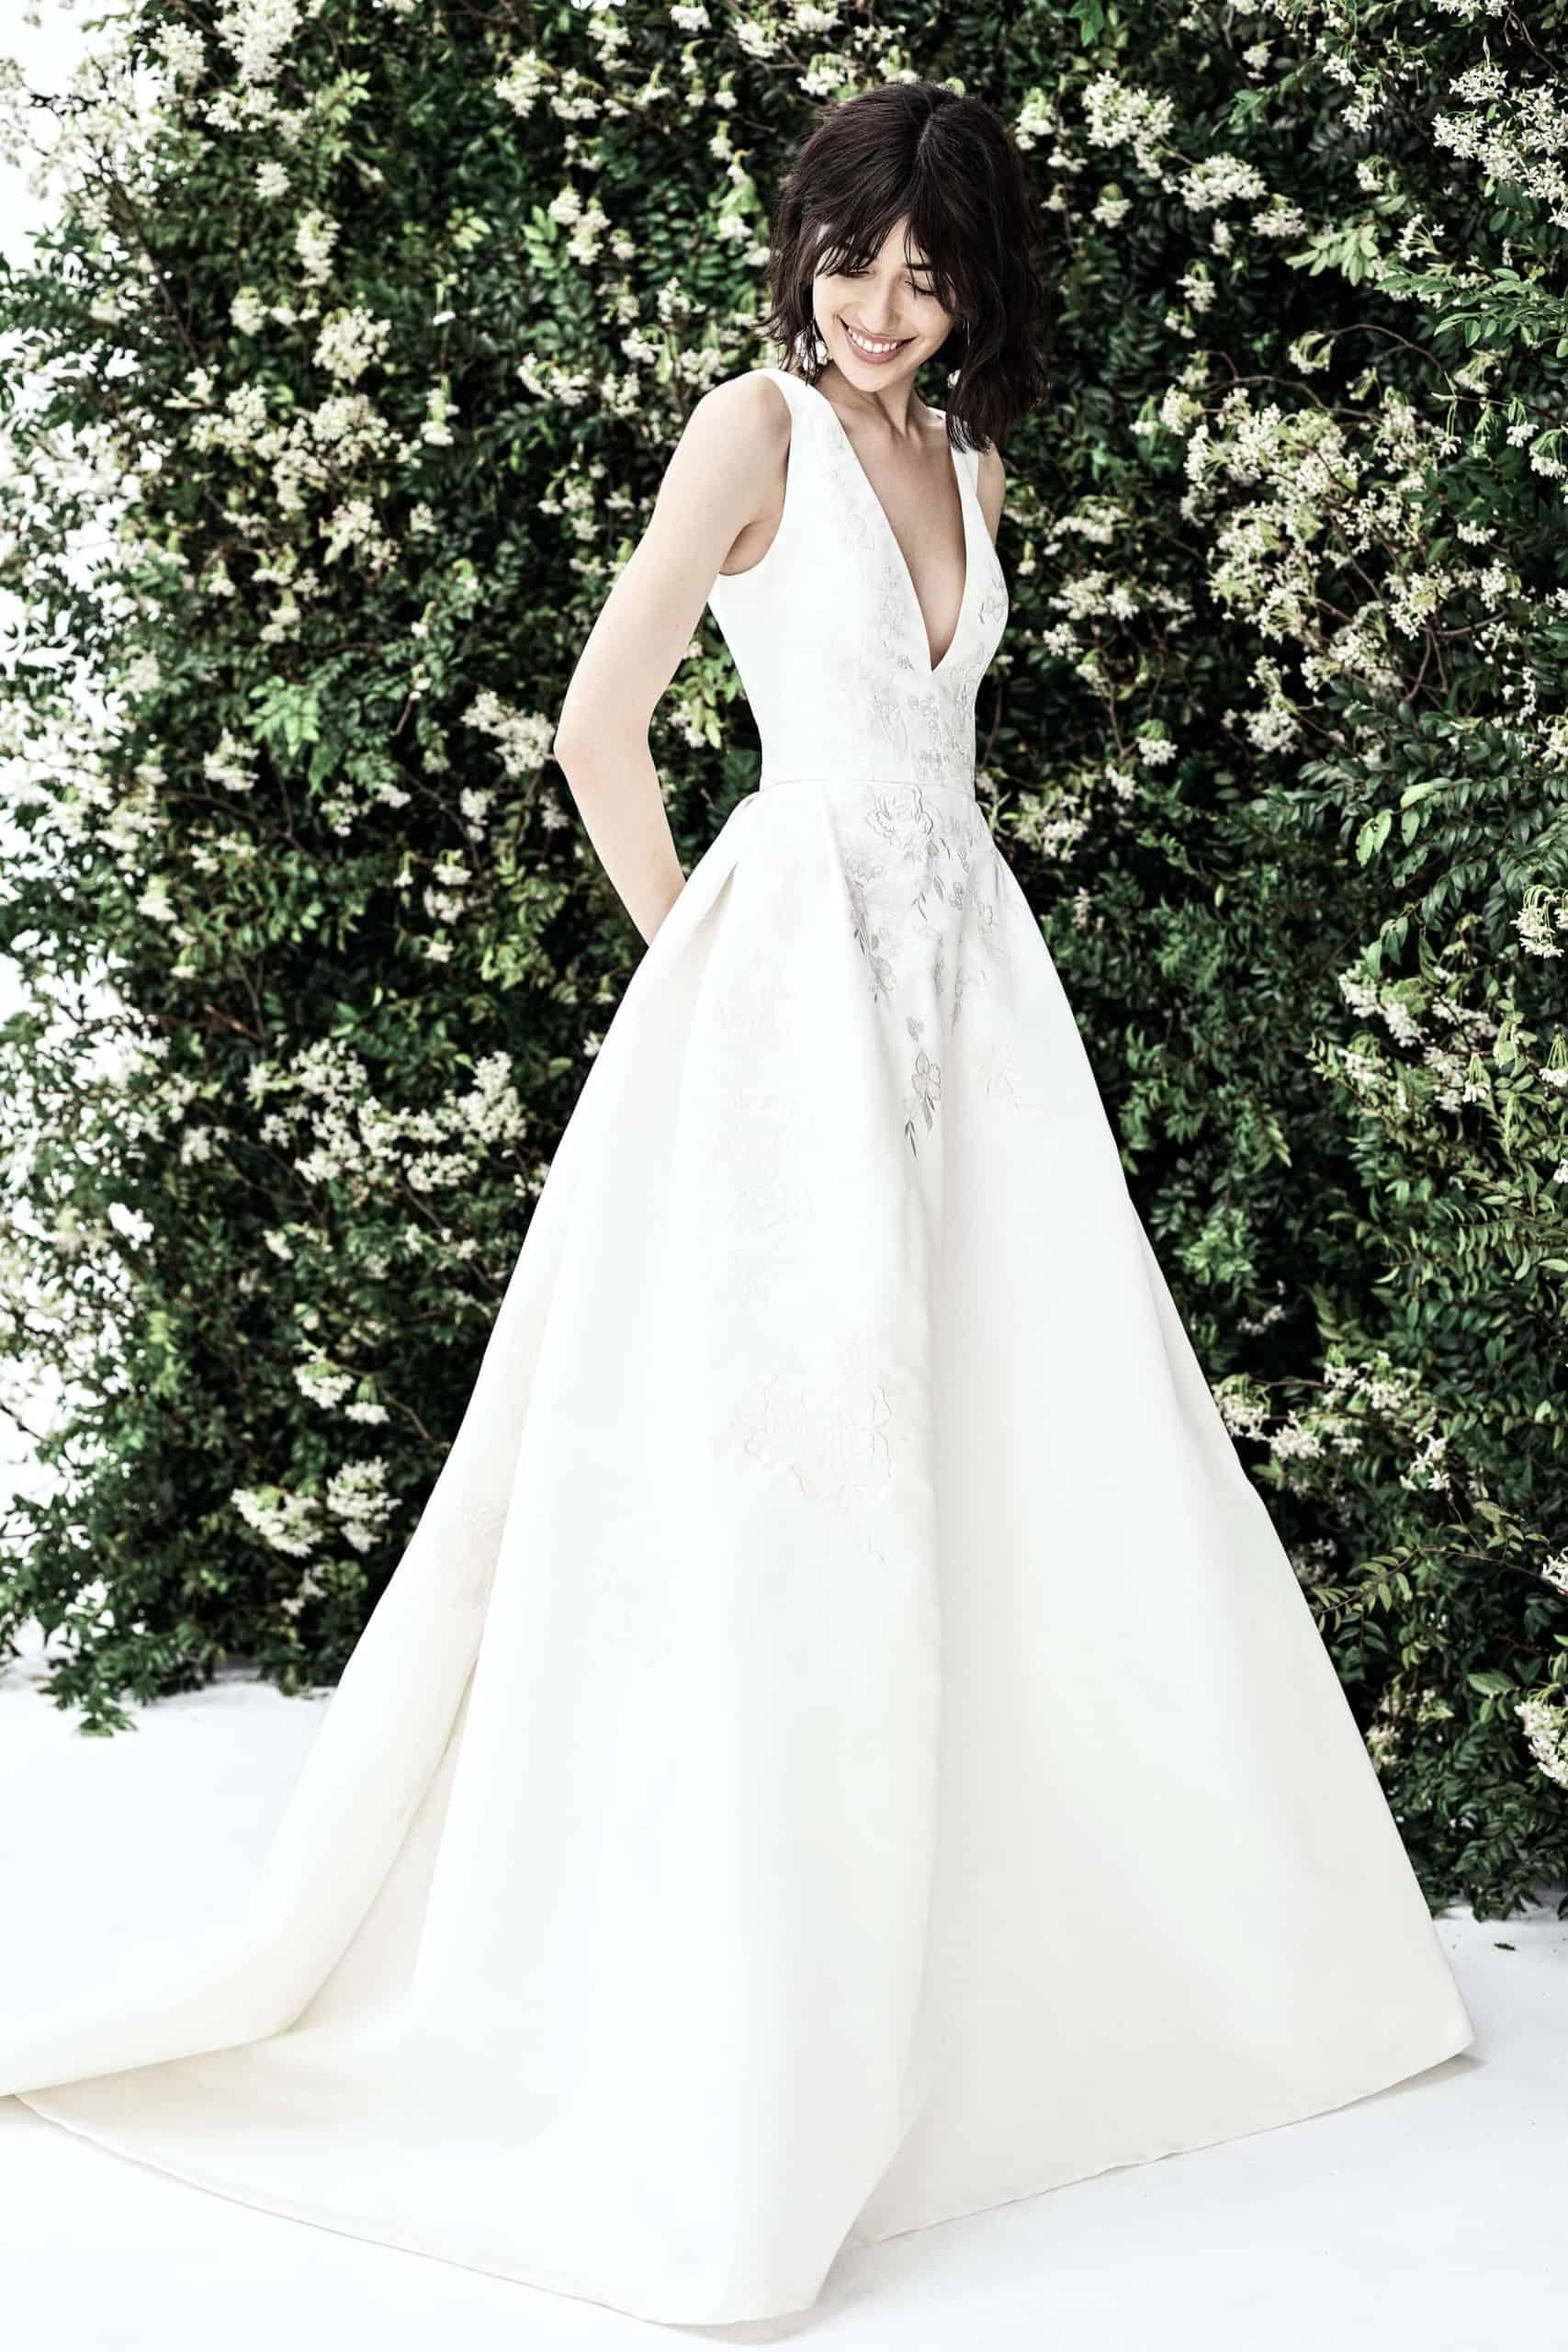 νυφικό φόρεμα σε a-line γραμμή με βαθύ ντεκολτέ από την Carolina Herrera